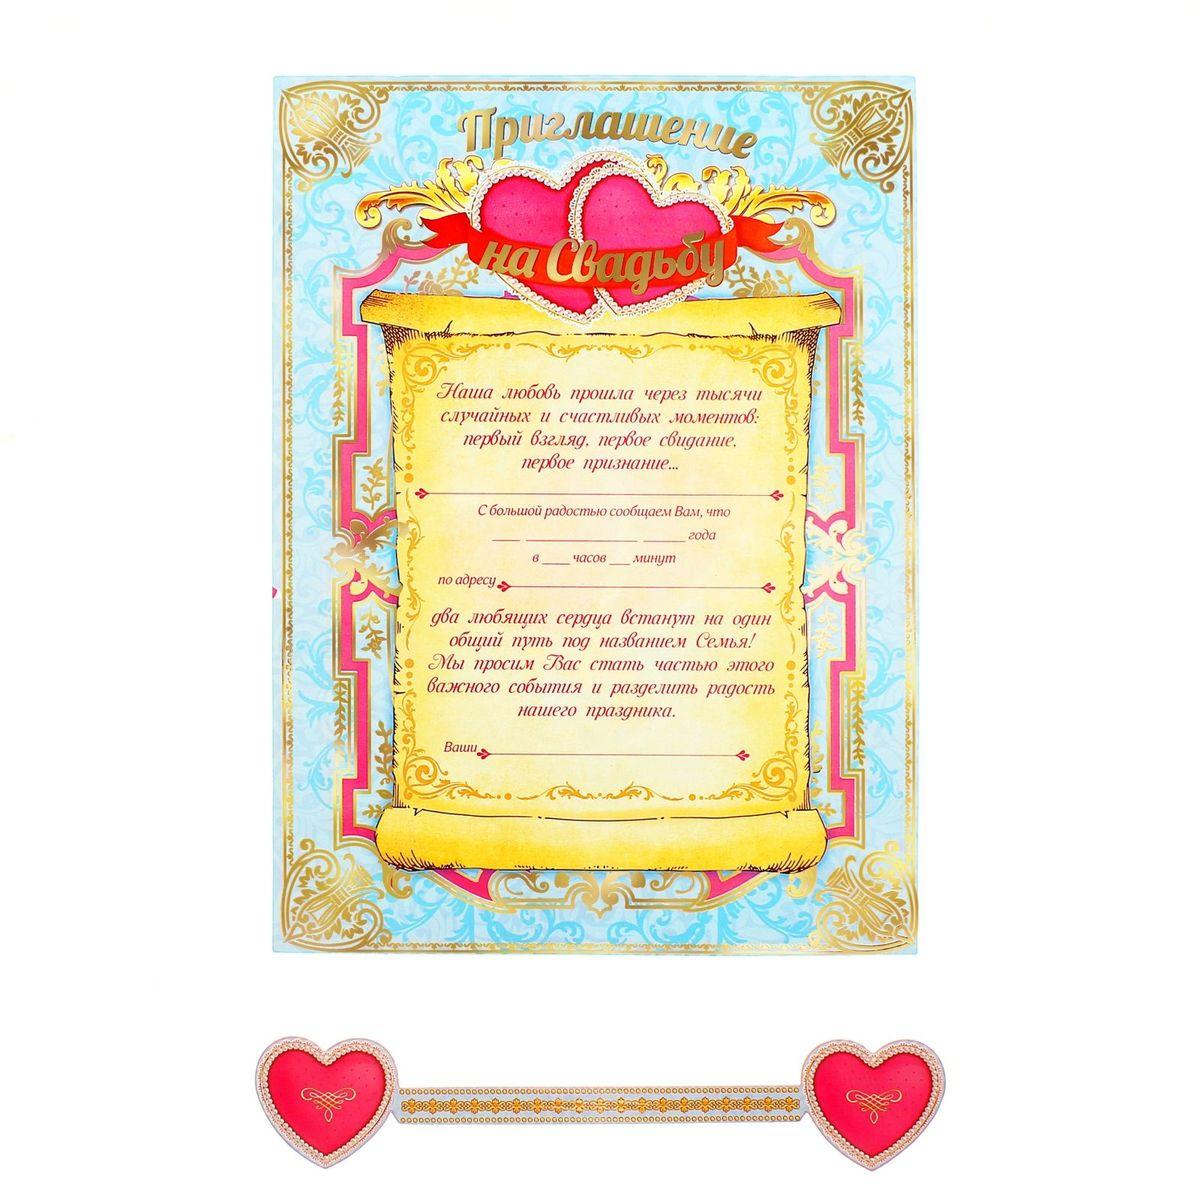 Приглашение на свадьбу Sima-land Союз сердец, 17 х 23,5 см143336Традиции свадебного обряда уходят корнями в далекое прошлое, когда многие важные документы, приказы, указы, послания передавались в форме свитков. Добавить оригинальность и показать верность традициям поможет свадебное приглашение-свиток Sima-land Союз сердец. В комплект входит элегантная лента, которая дополнительно украсит и скрепит свиток. Яркие цвета, золотистые элементы, традиционные свадебные мотивы и орнамент подойдут вам, если вы планируете оформить свадьбу в ярких тонах. Внутри свитка - текст приглашения с теплыми словами для адресата. Вам остается заполнить необходимые строки и раздать гостям. Устройте себе незабываемую свадьбу!